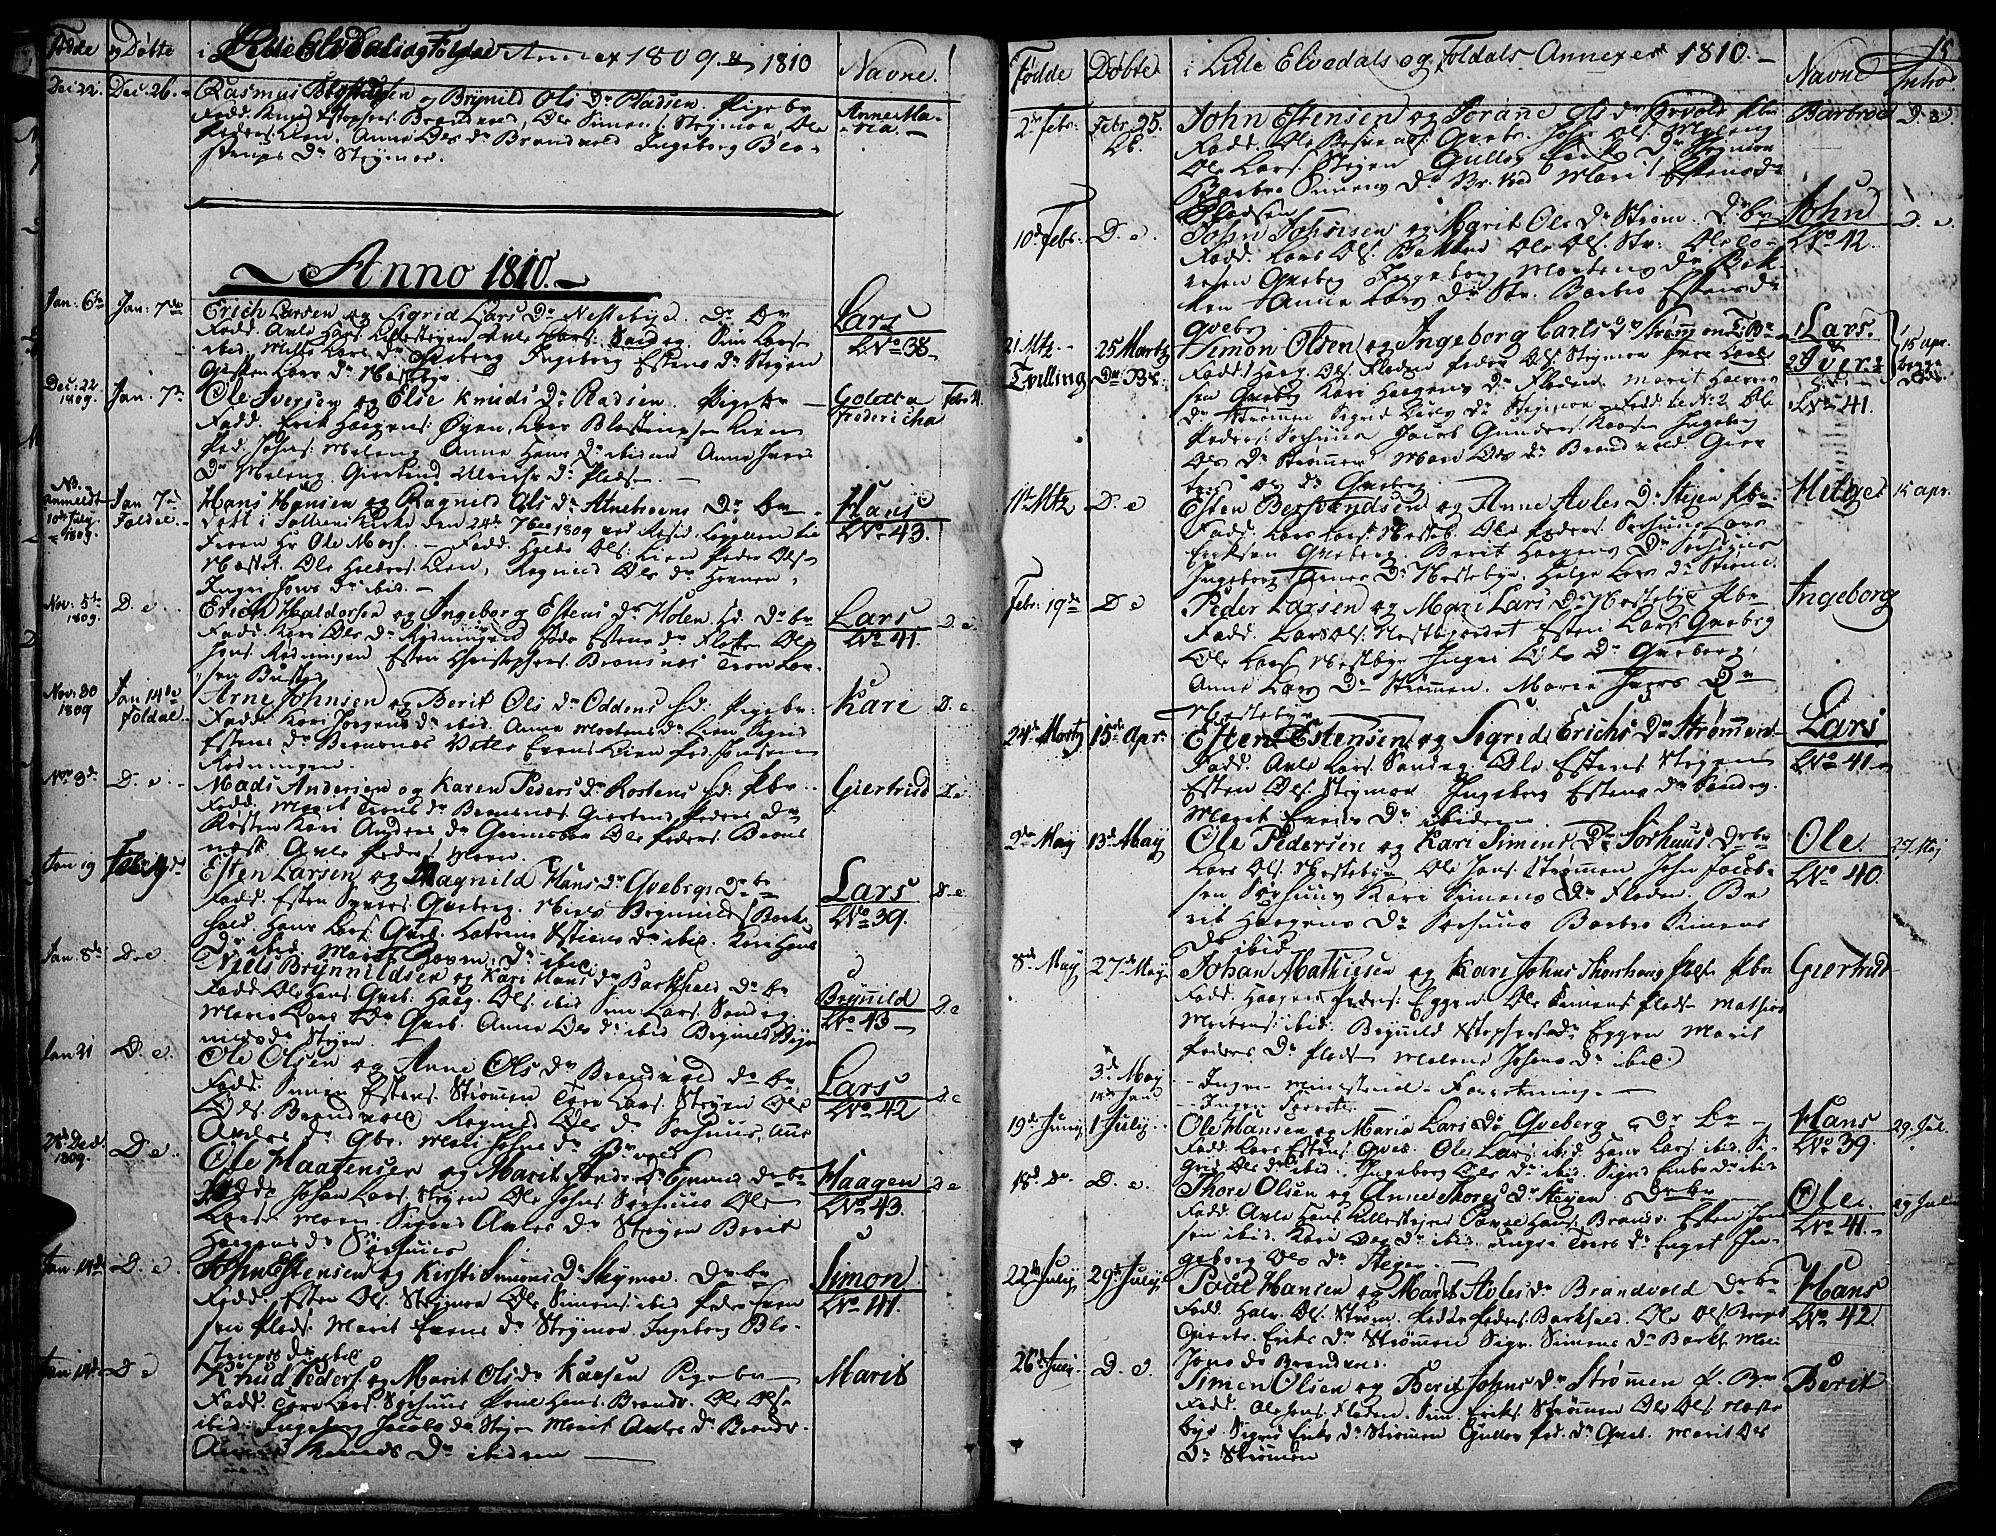 SAH, Tynset prestekontor, Parish register (official) no. 16, 1801-1814, p. 15